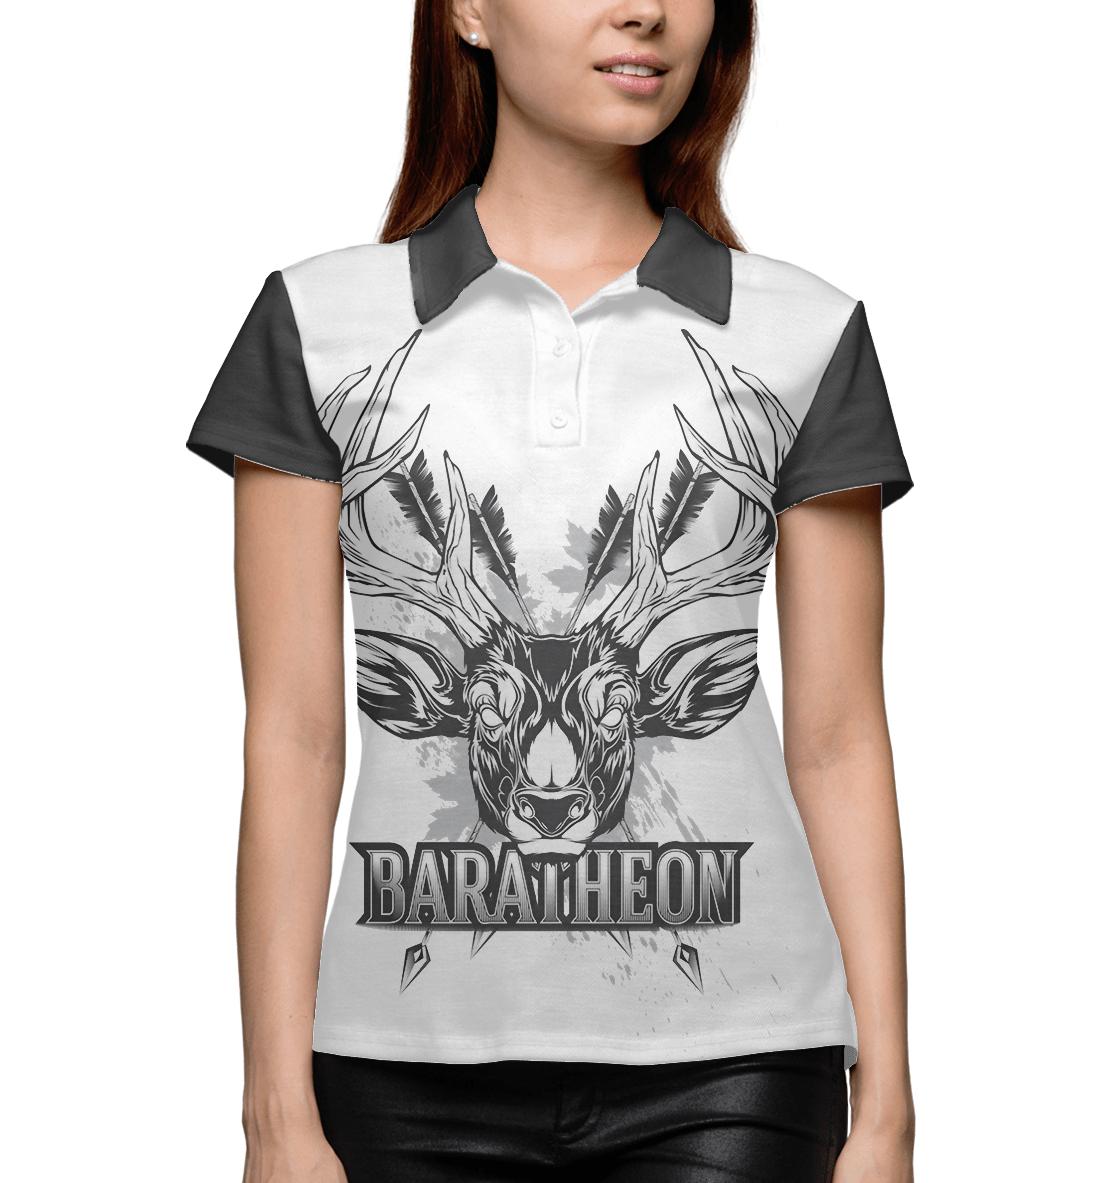 Купить Game of Thrones baratheon, Printbar, Поло, IGR-412238-pol-1